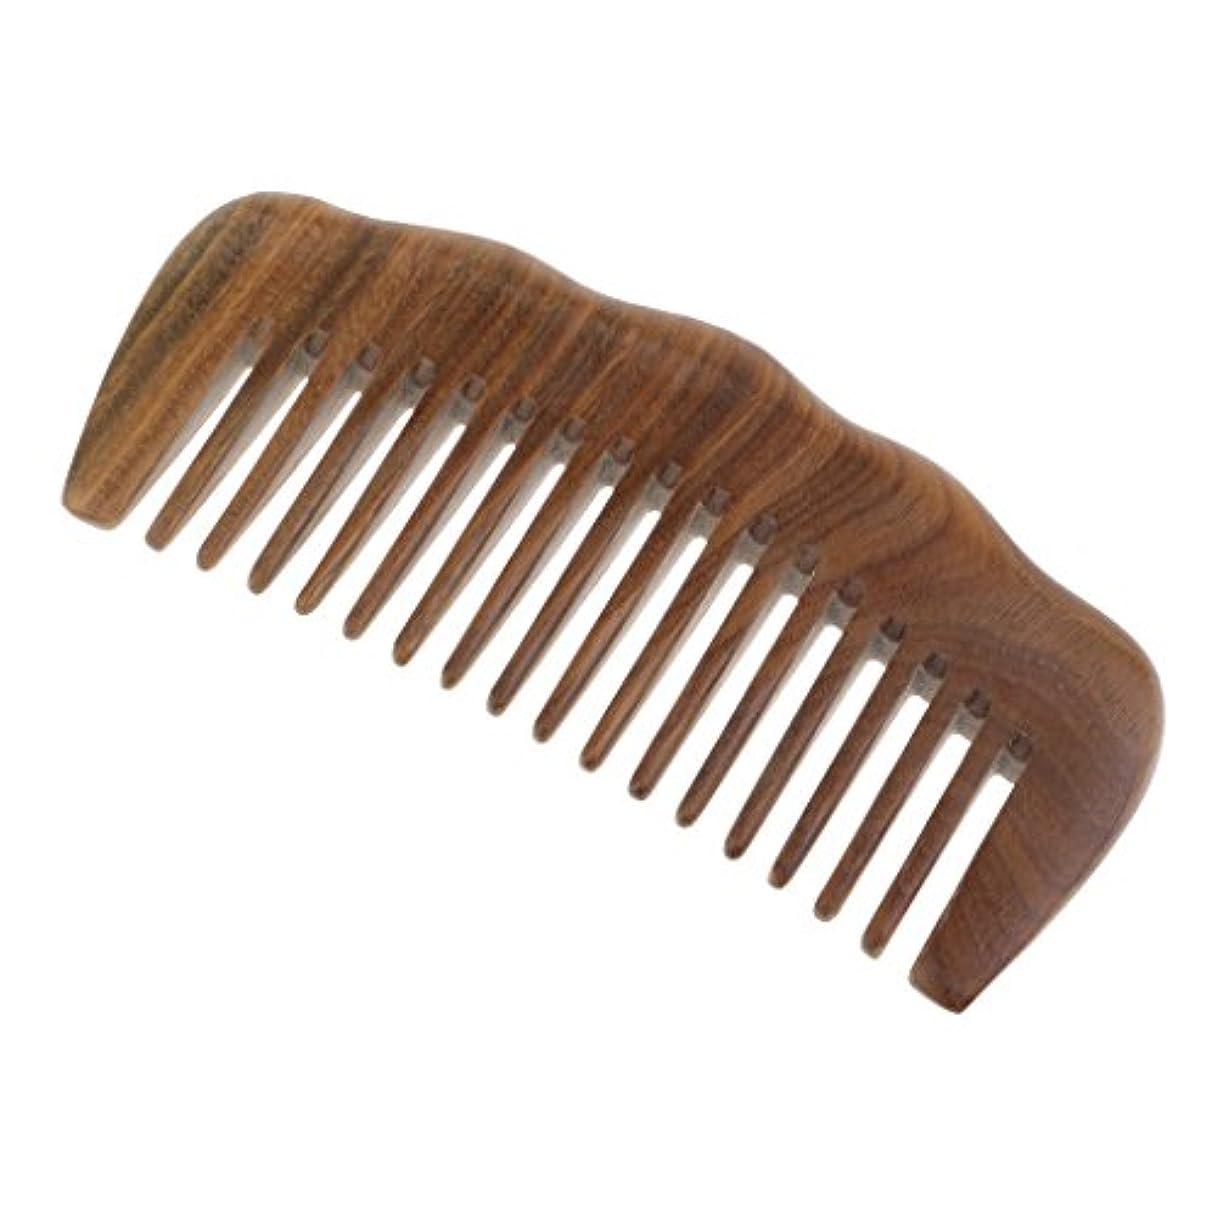 ジョグ所持ブレースCUTICATE 帯電防止櫛 木製櫛 頭皮マッサージ ヘアコーム 木製ワイド歯ブラシ